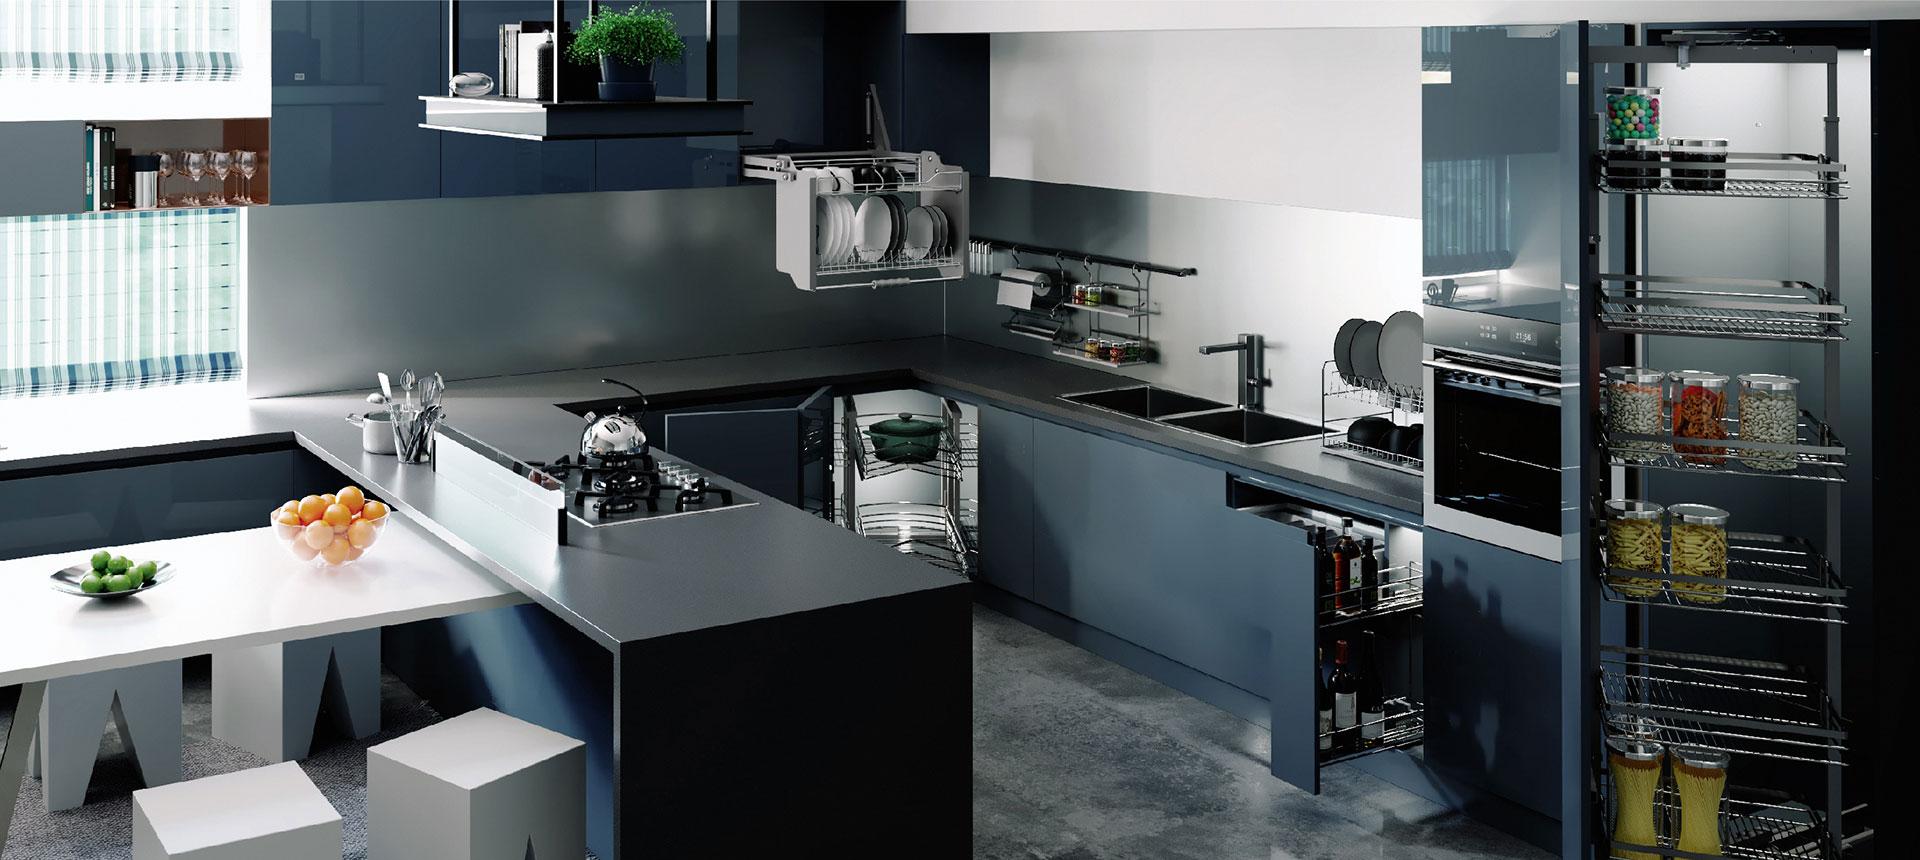 vzorová kuchyně drátěného programu Starax